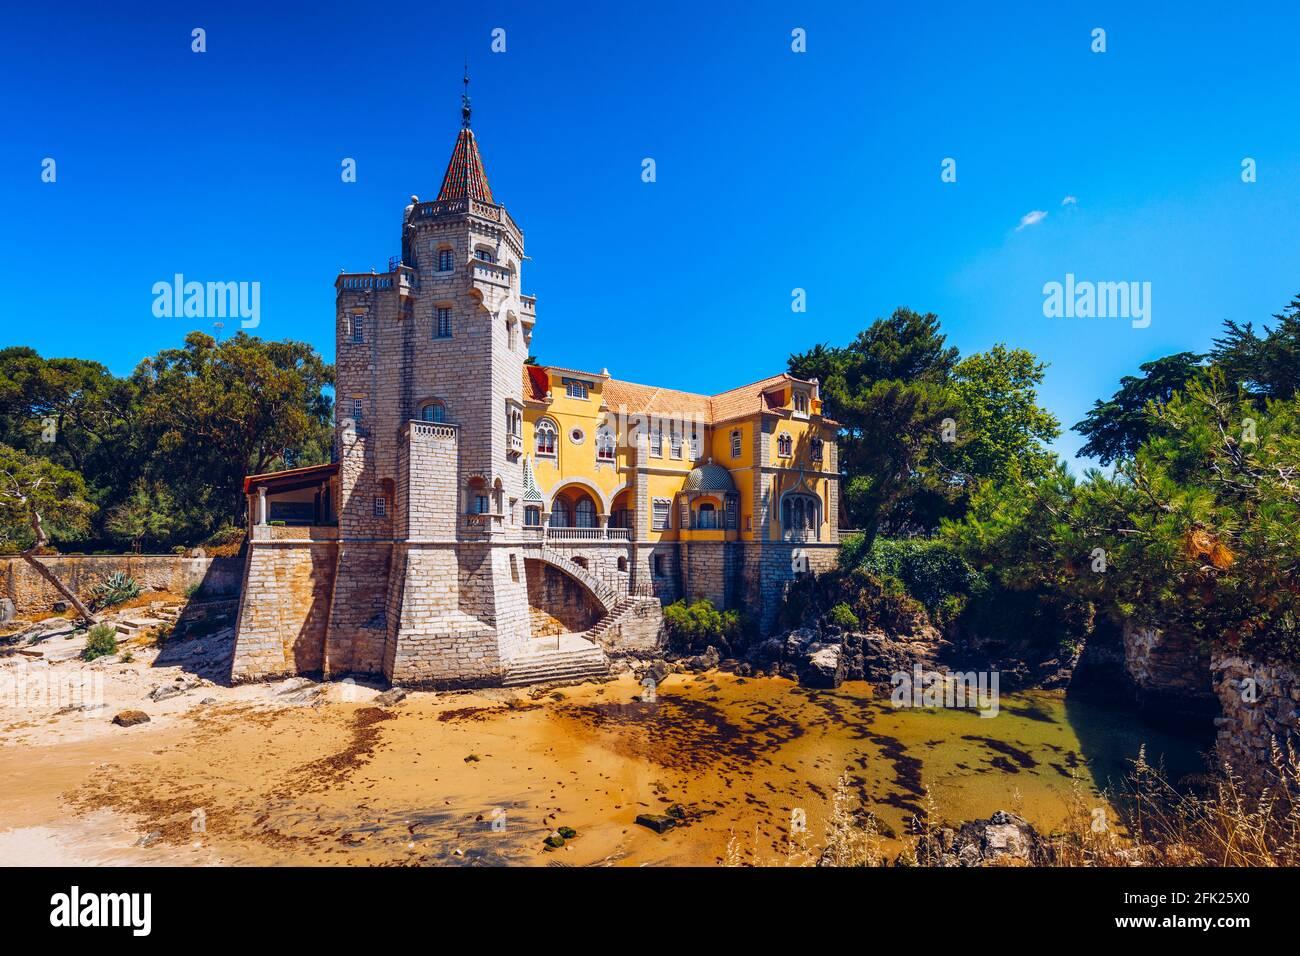 Museu Condes de Castro Guimaraes en Cascais, Lisboa, Portugal. Construcción del museo Conde Castro Guimaraes en los bonitos jardines de Jardim Marechal Foto de stock